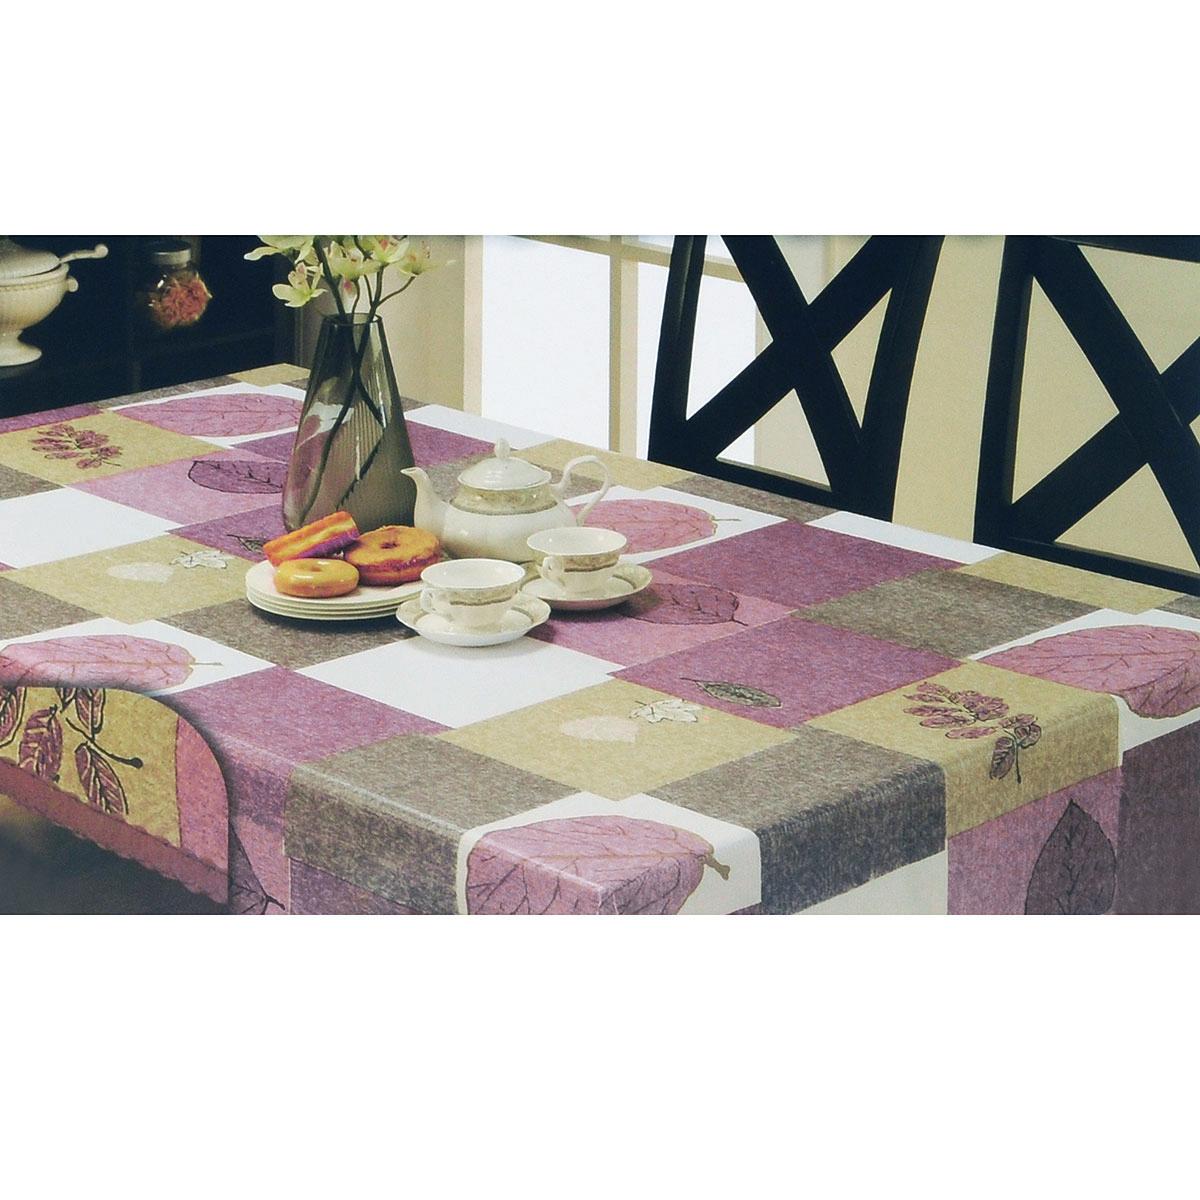 Скатерть White Fox Лист, прямоугольная, цвет: сиреневый, серый, 152x 228 смAMC-00070Прямоугольная скатерть White Fox Лист, выполненная из ПВХ с основой из флиса, предназначена для защиты стола от царапин, пятен и крошек. Край скатерти обработан строчкой. Скатерть оформлена изображением листочков, а рифлёная поверхность формирует приятные тактильные ощущения, при этом частички пищи удаляются с легкостью и поверхность остается всегда чистой. Скатерть термостойкая, выдерживает температуру до +70 °C.Скатерть White Fox проста в уходе - её можно протирать любыми моющими средствами при необходимости.Скатерть упакована в виниловый пакет с внутренним цветным вкладышем и подвесом в виде крючка.